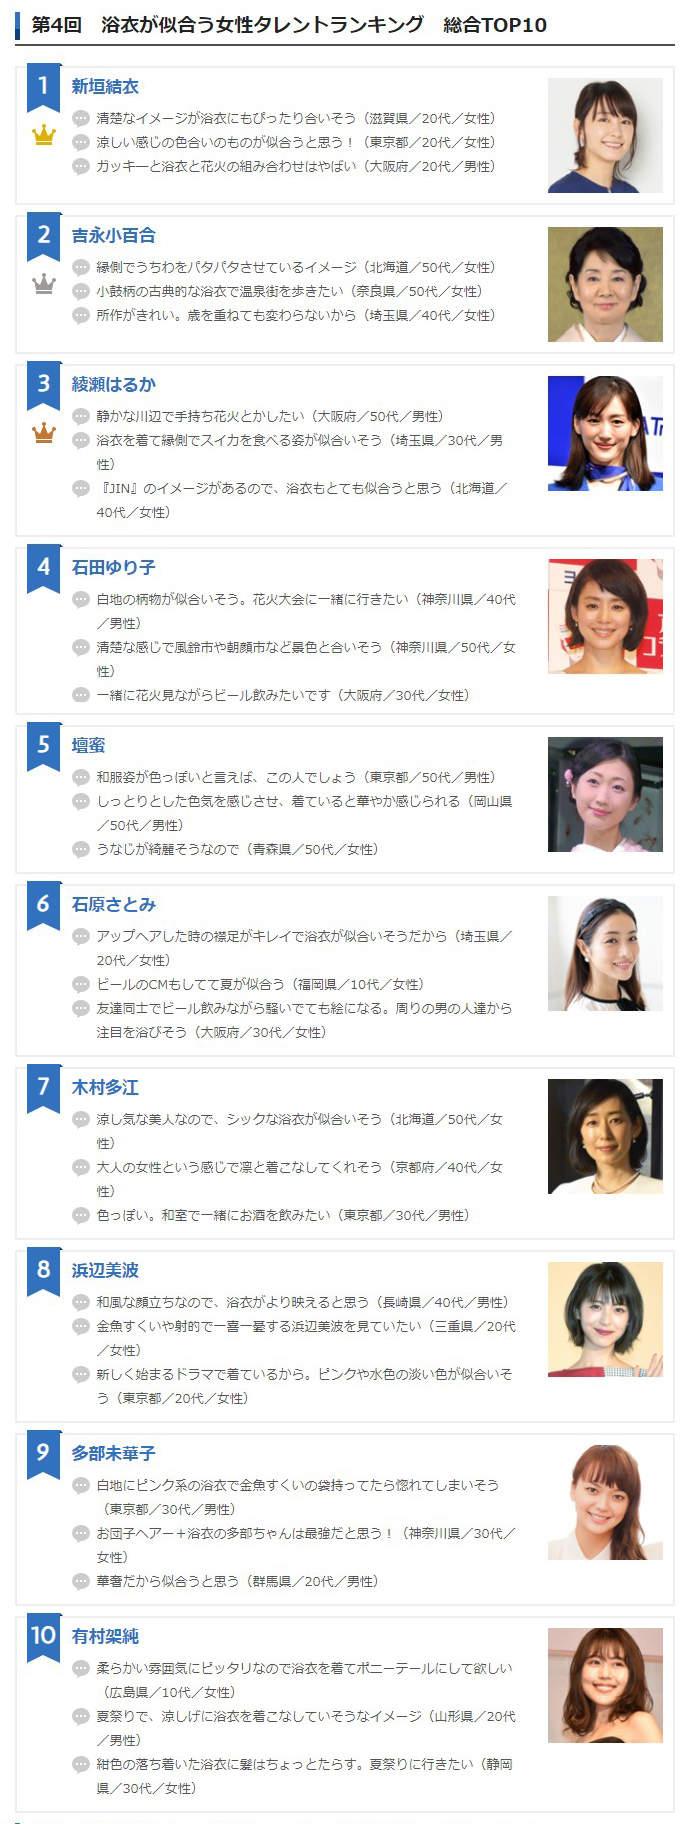 《最适合浴衣的女艺人》日本夏天定番票选「国民老婆」新垣结衣再次夺冠